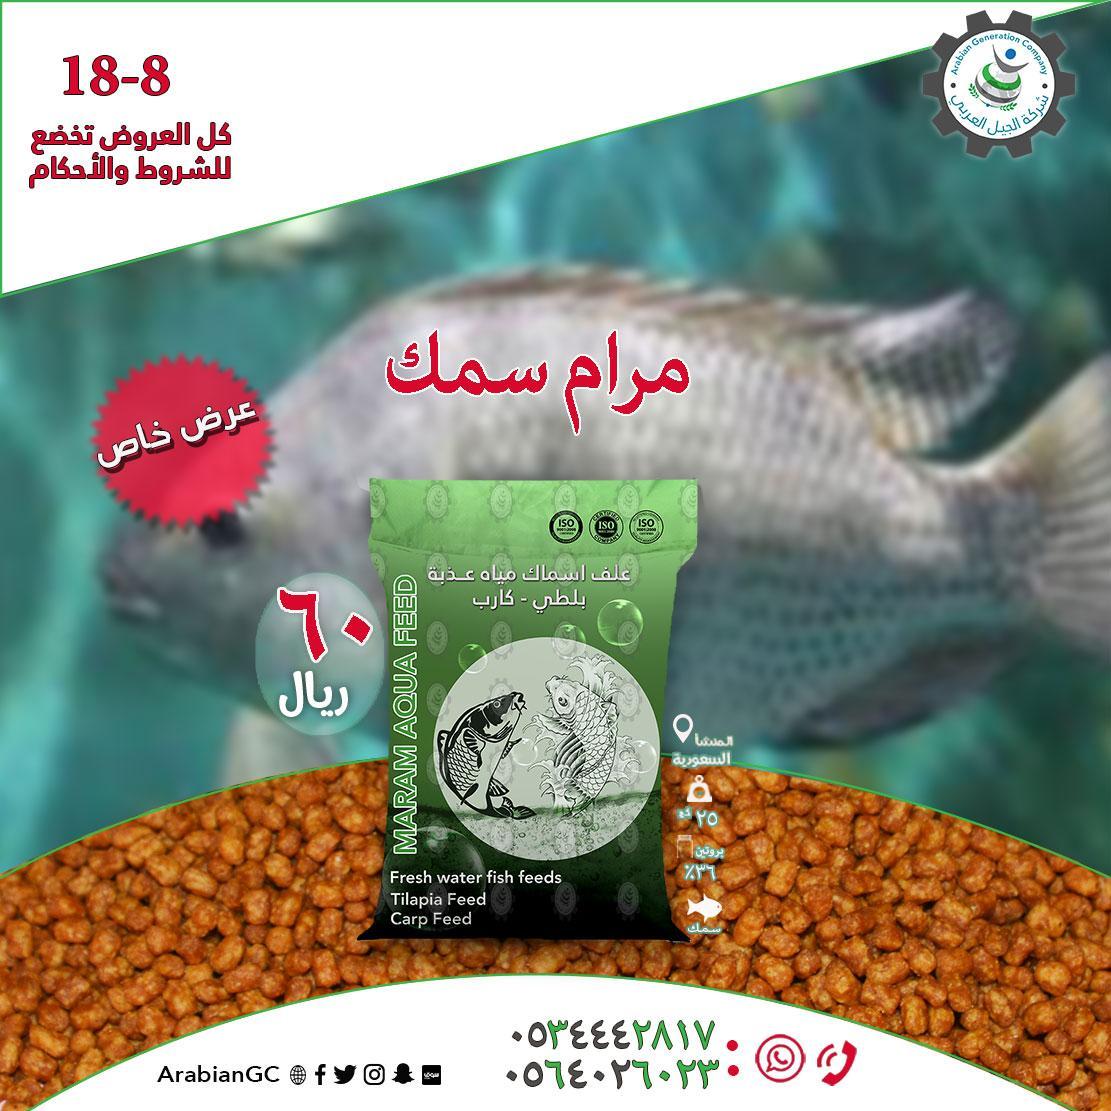 لمربي الأسماك شركة الجيل العربي d.php?hash=GCT7W3WF2